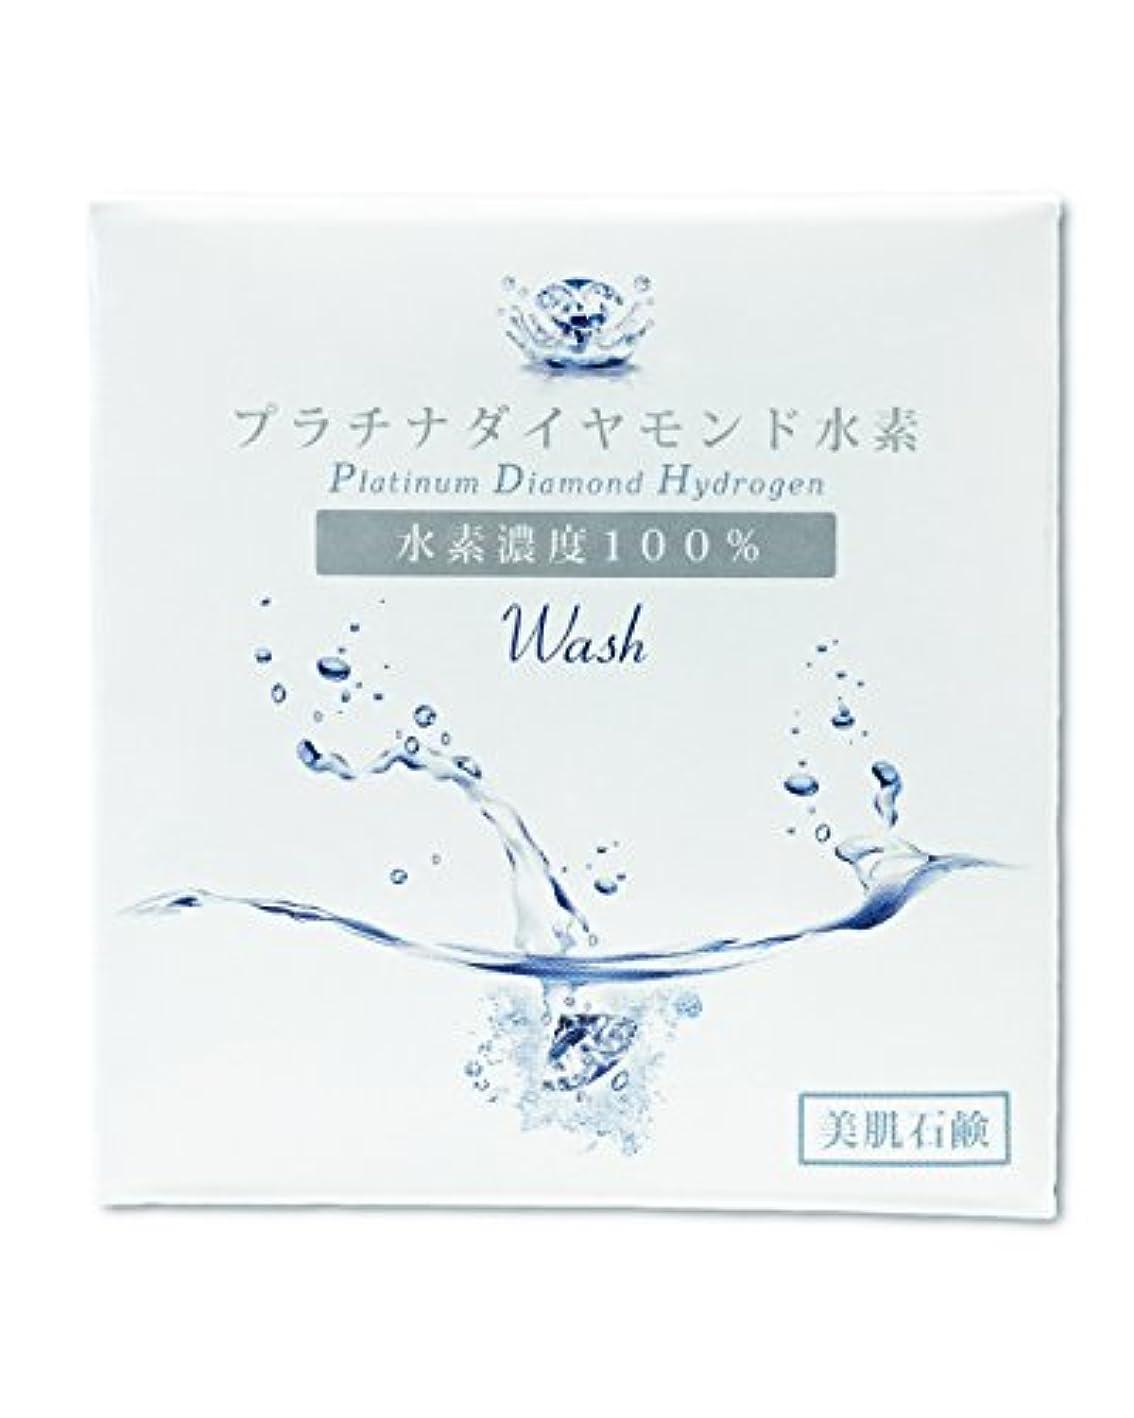 防水束気配りのある水素石鹸 プラチナダイヤモンド水素Wash